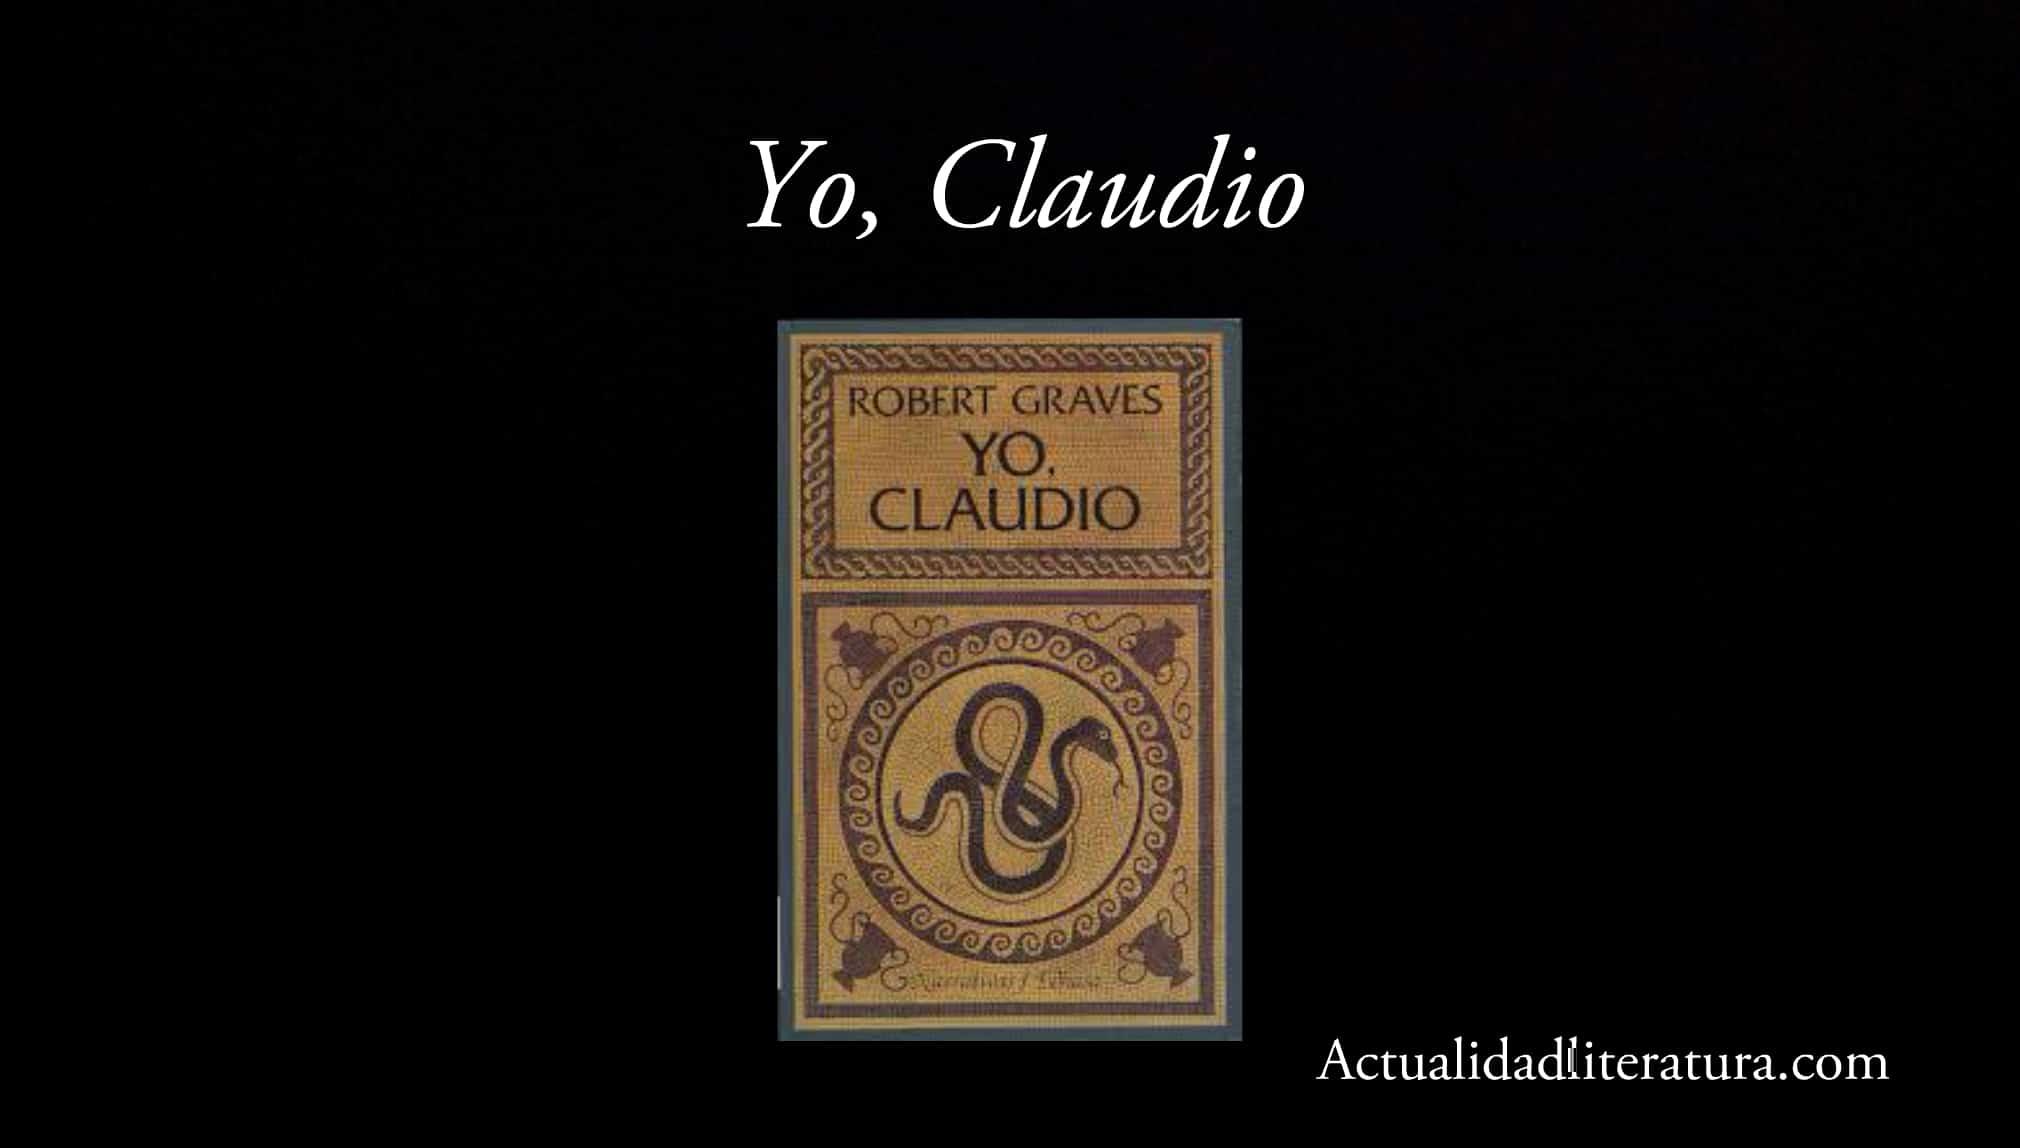 Yo, Claudio.